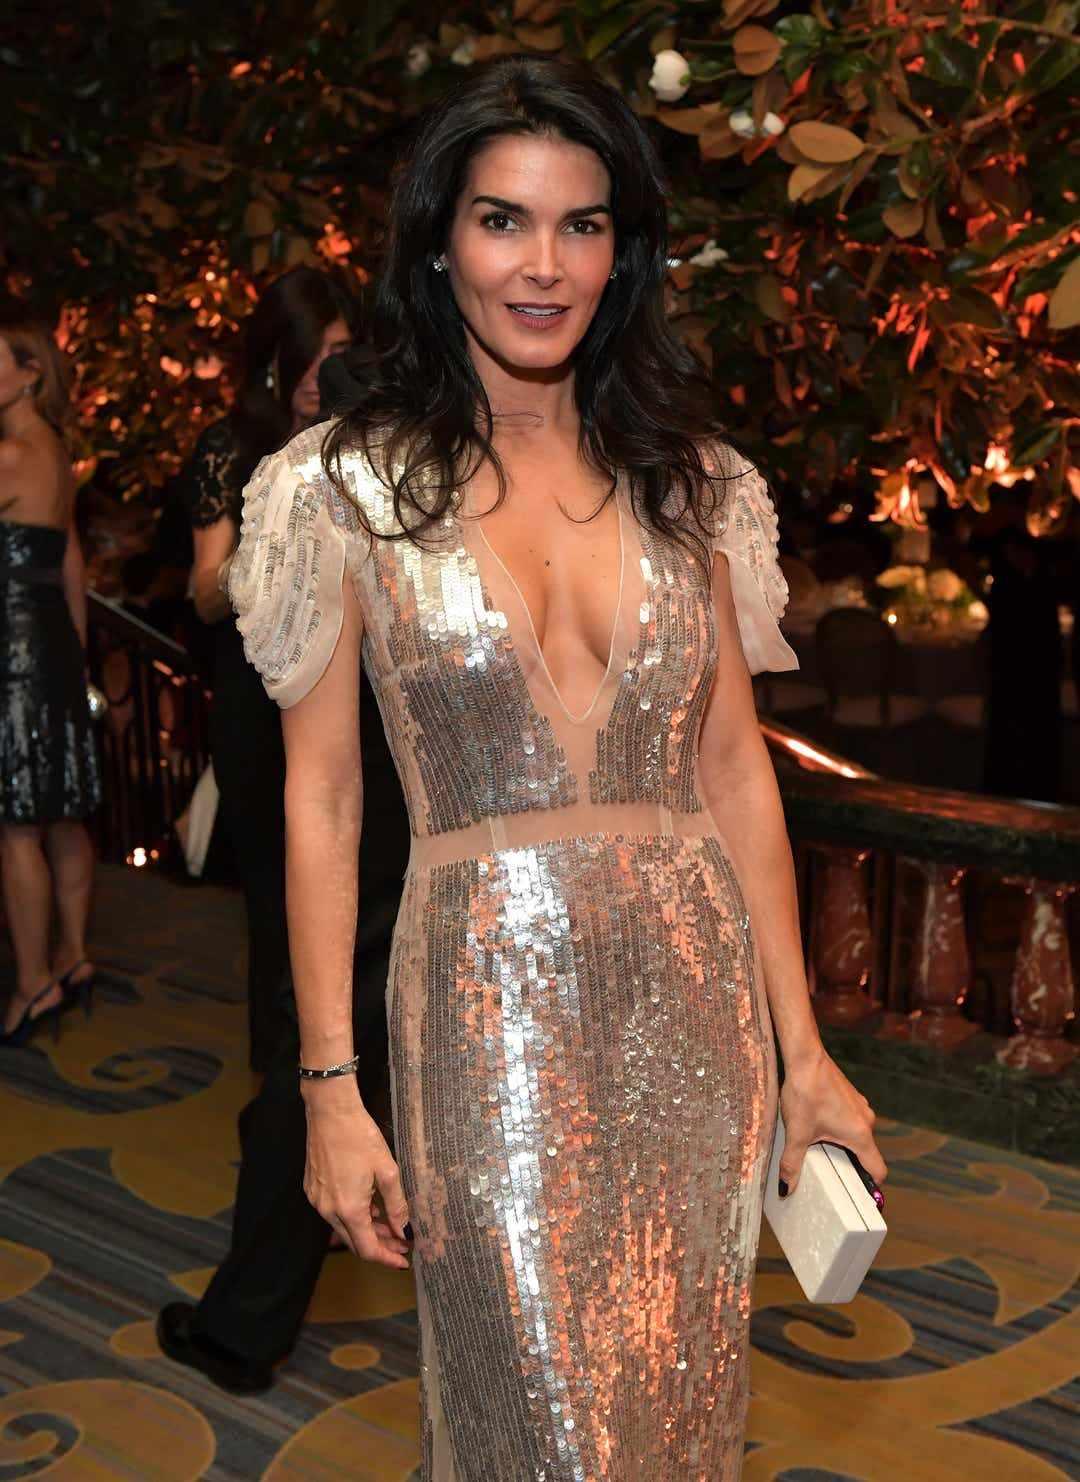 Энджи Хармон фото в платье